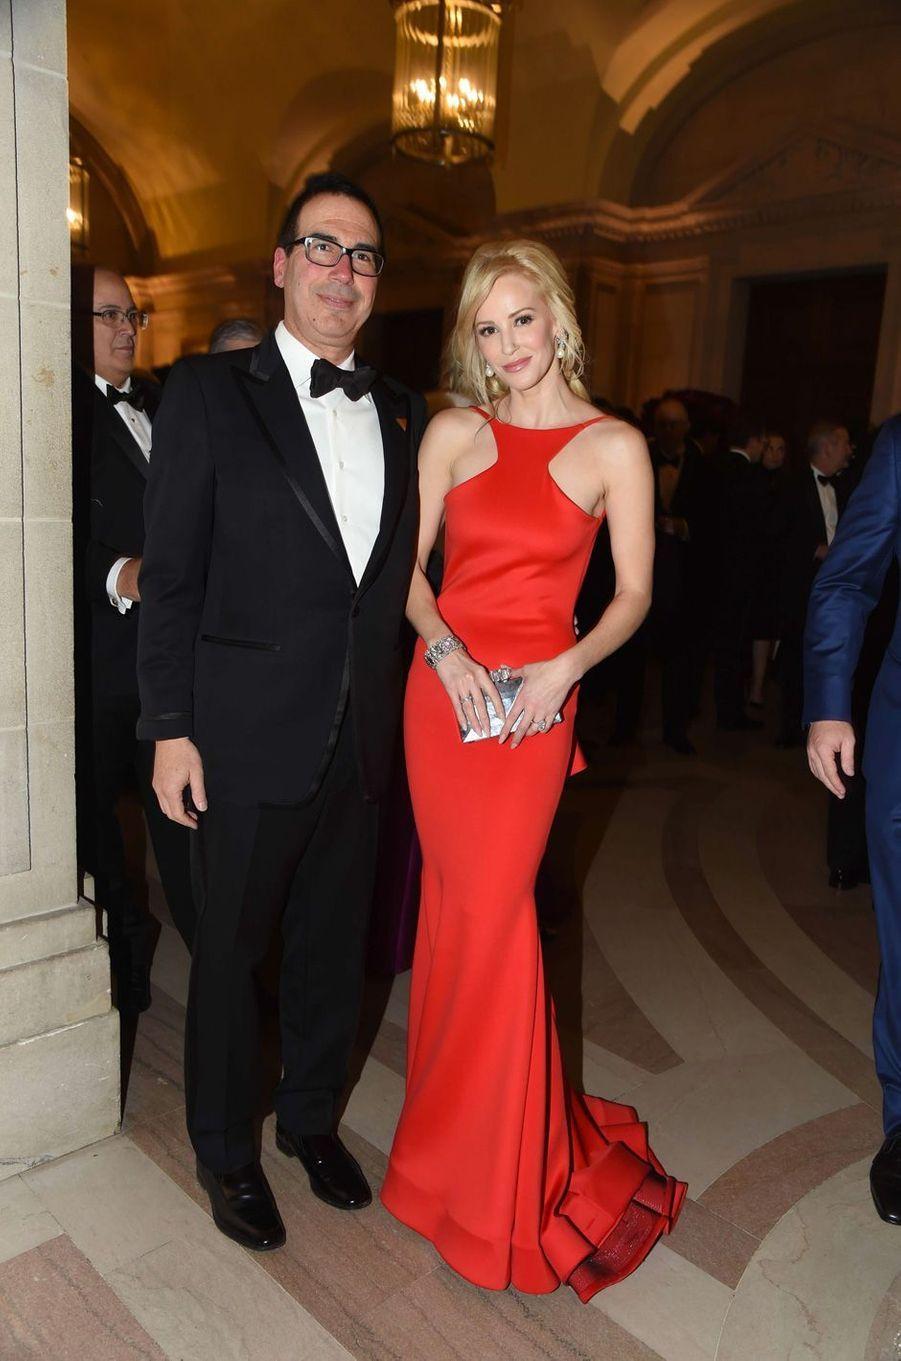 Steven Mnuchin et Louise Linton auChairman's Global Dinner à Washington, le 17 janvier 2017.